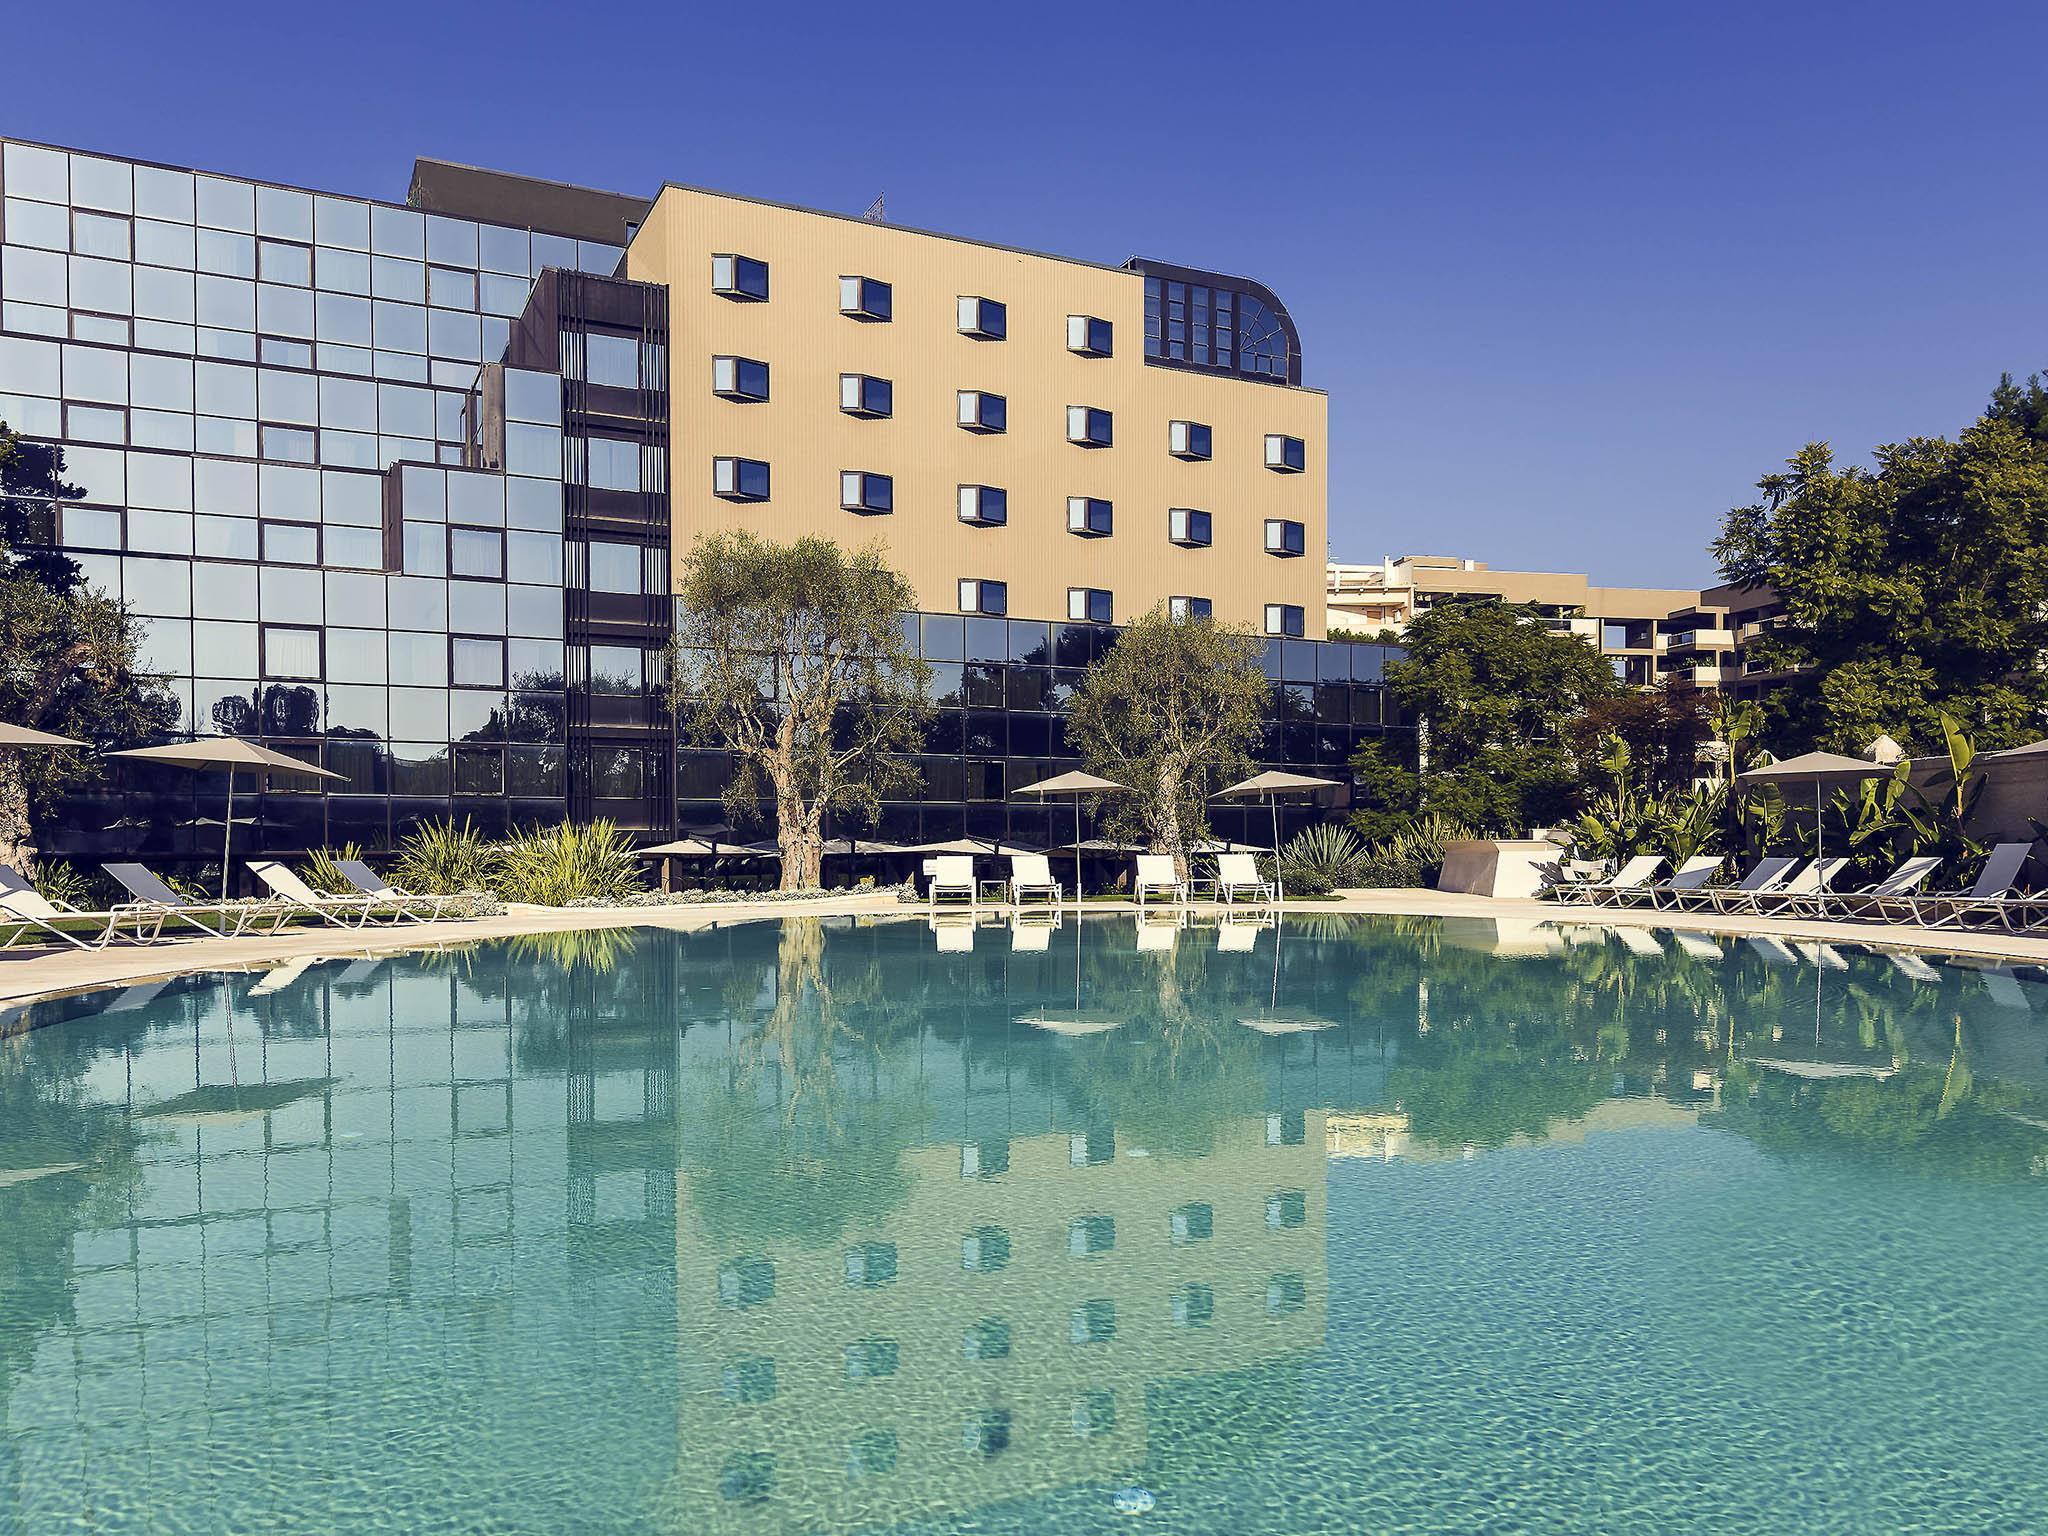 酒店 – 卡尔杜奇罗马纳齐美美居别墅酒店